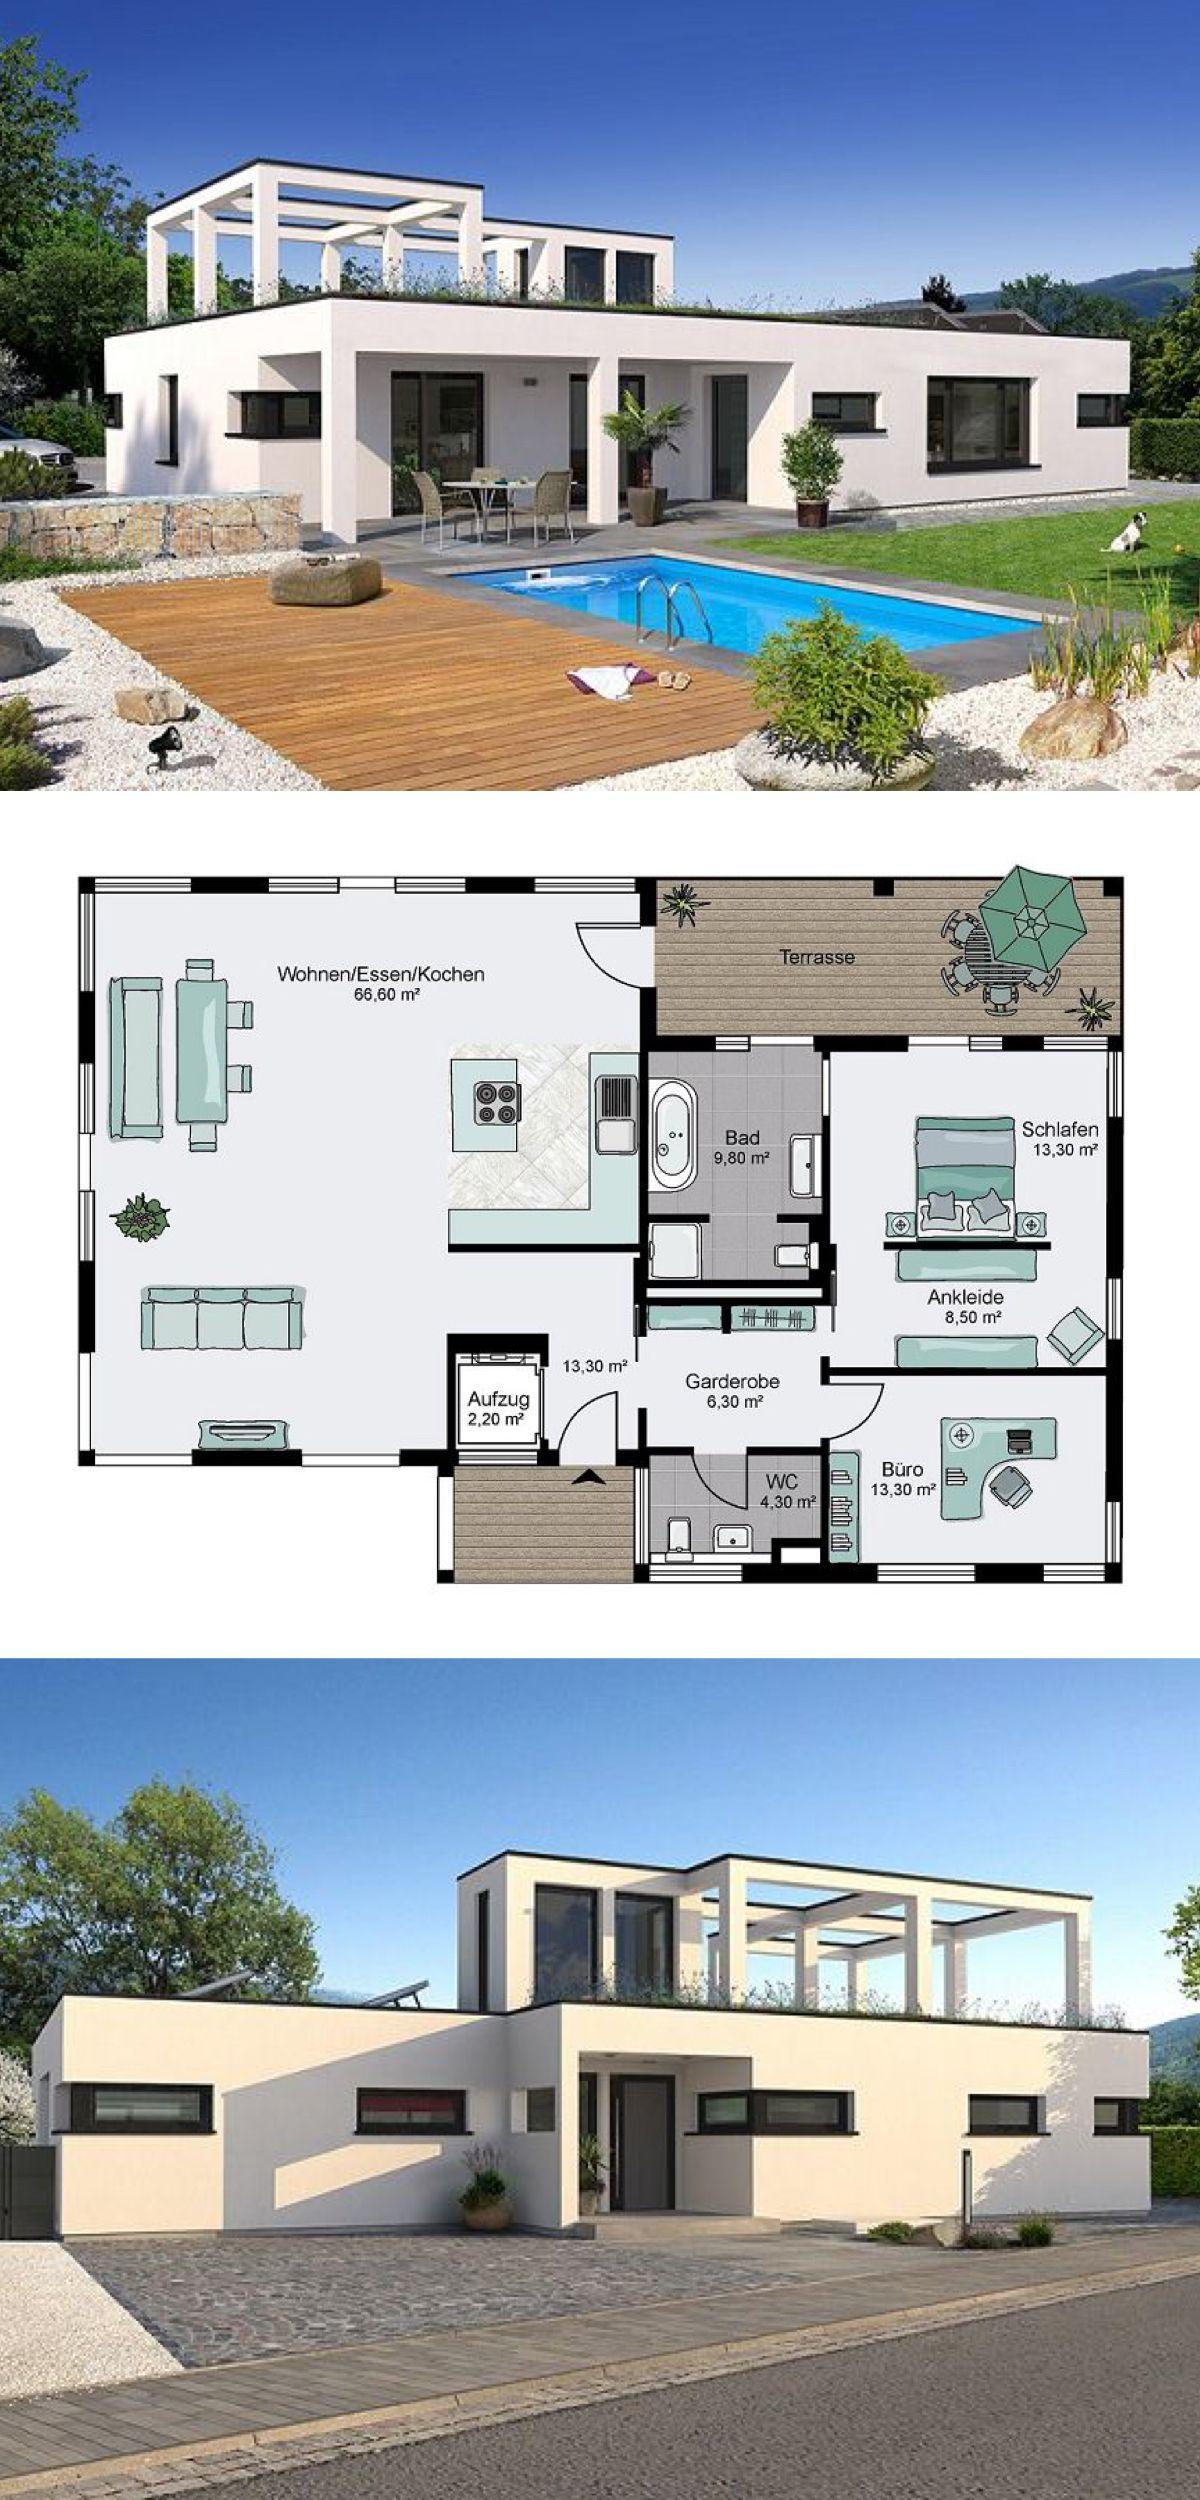 Wundervoll Haus Flachdach Sammlung Von Flachdach-bungalow Mit -architektur - Grundriss Günzburg Streif